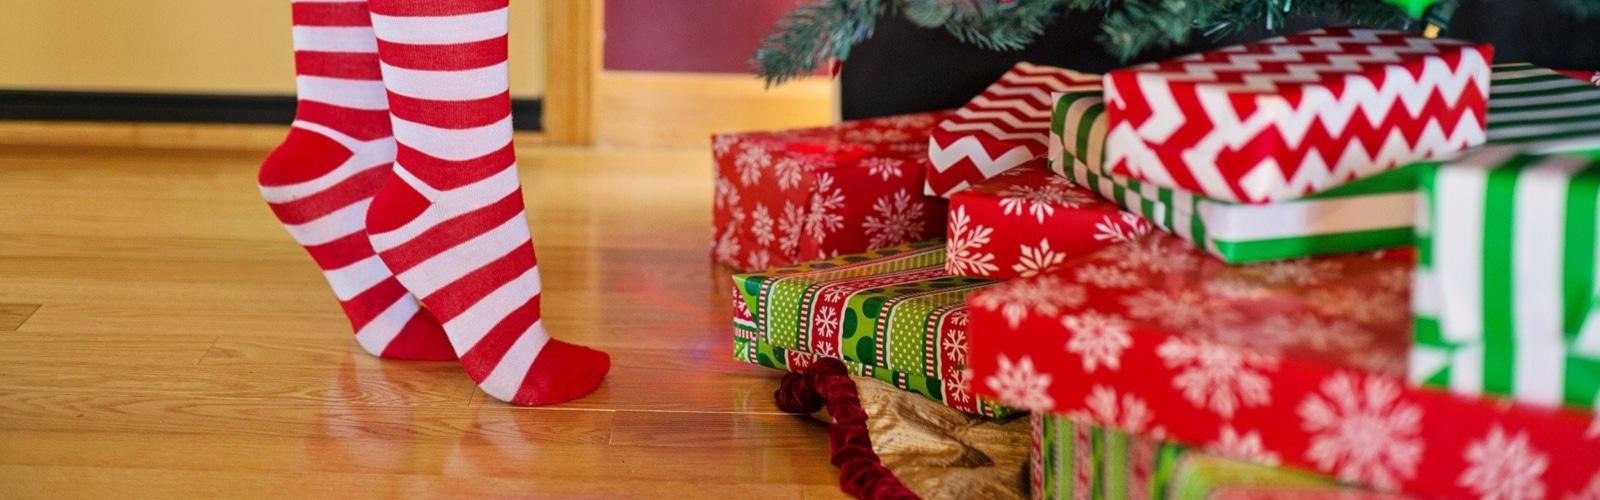 Le SMS marketing: une stratégie de vente incontournable pour Noël